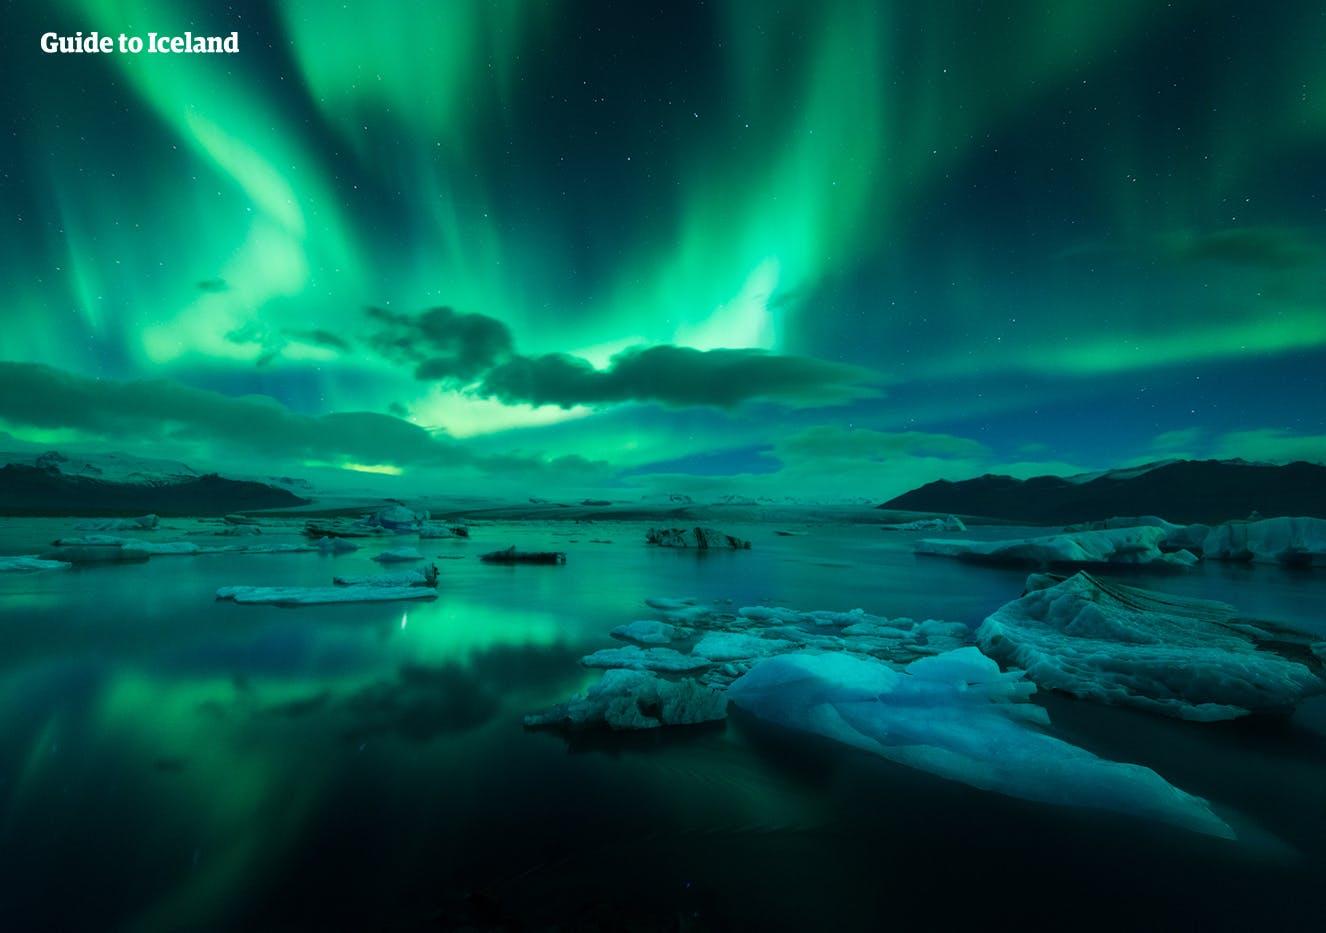 连体服_3月的冰岛 | 自驾、日照、极光和旅游攻略 | Guide to Iceland